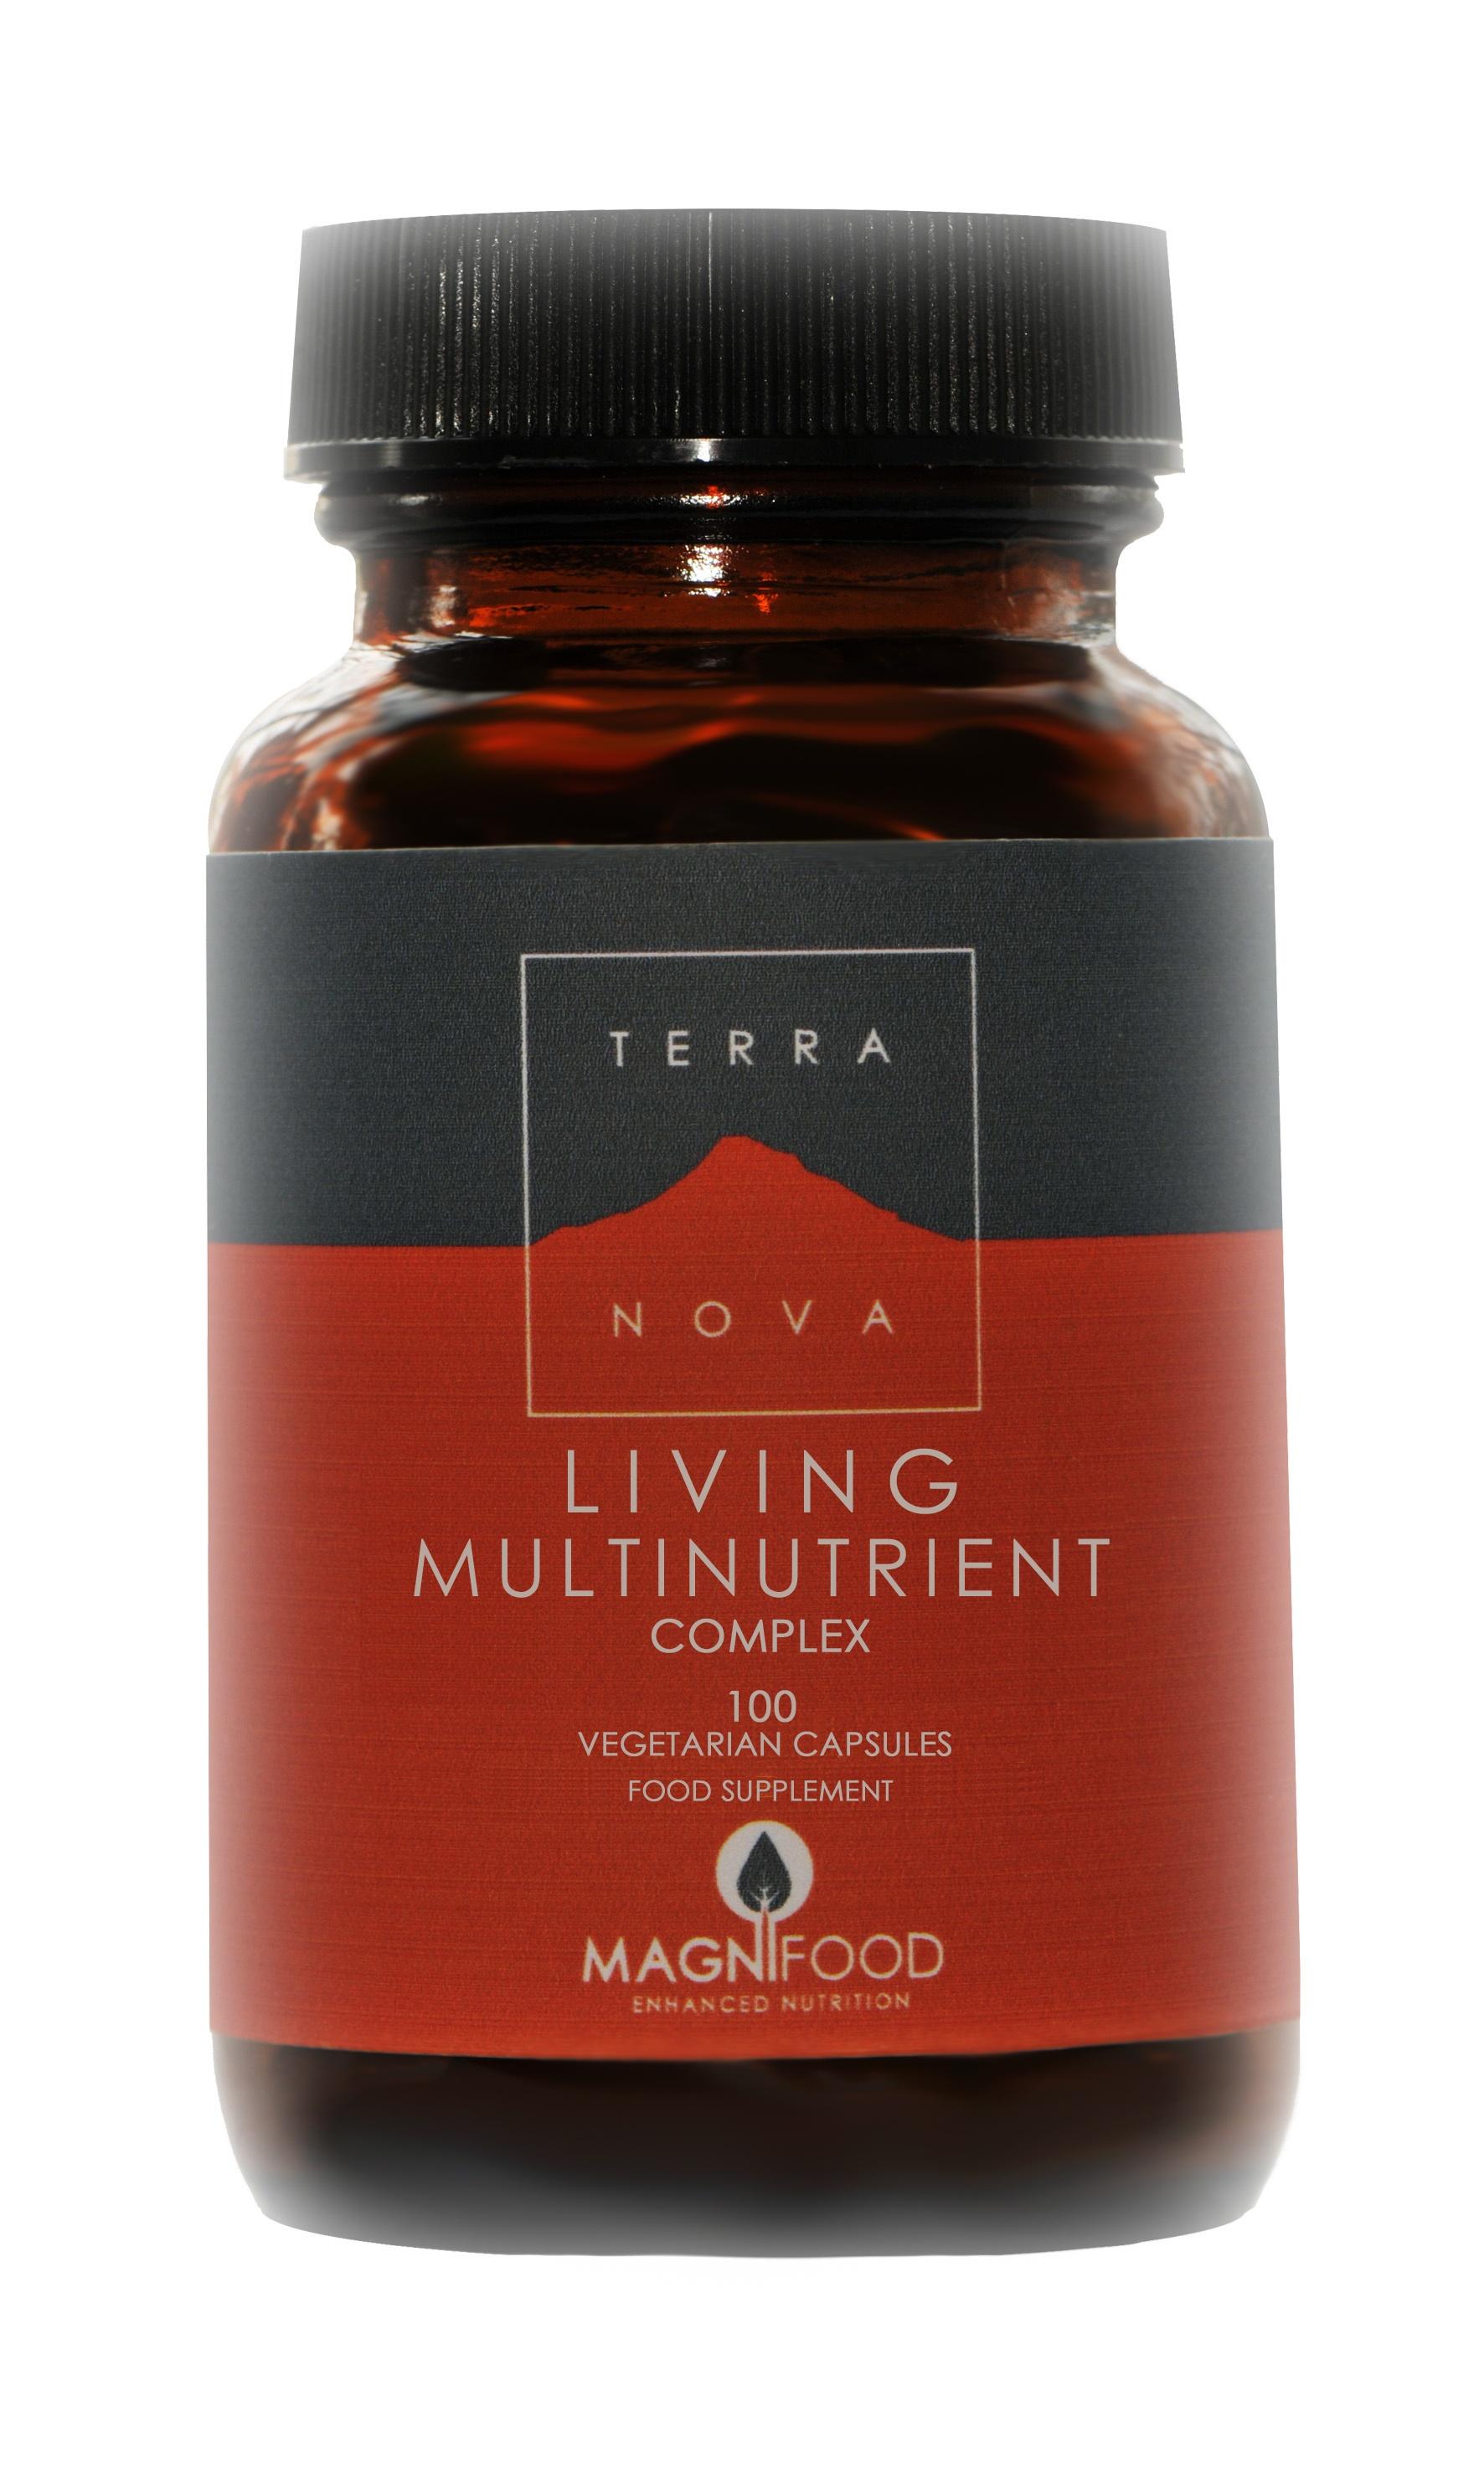 Terra Nova Living Multinutrient Complex 100 caps